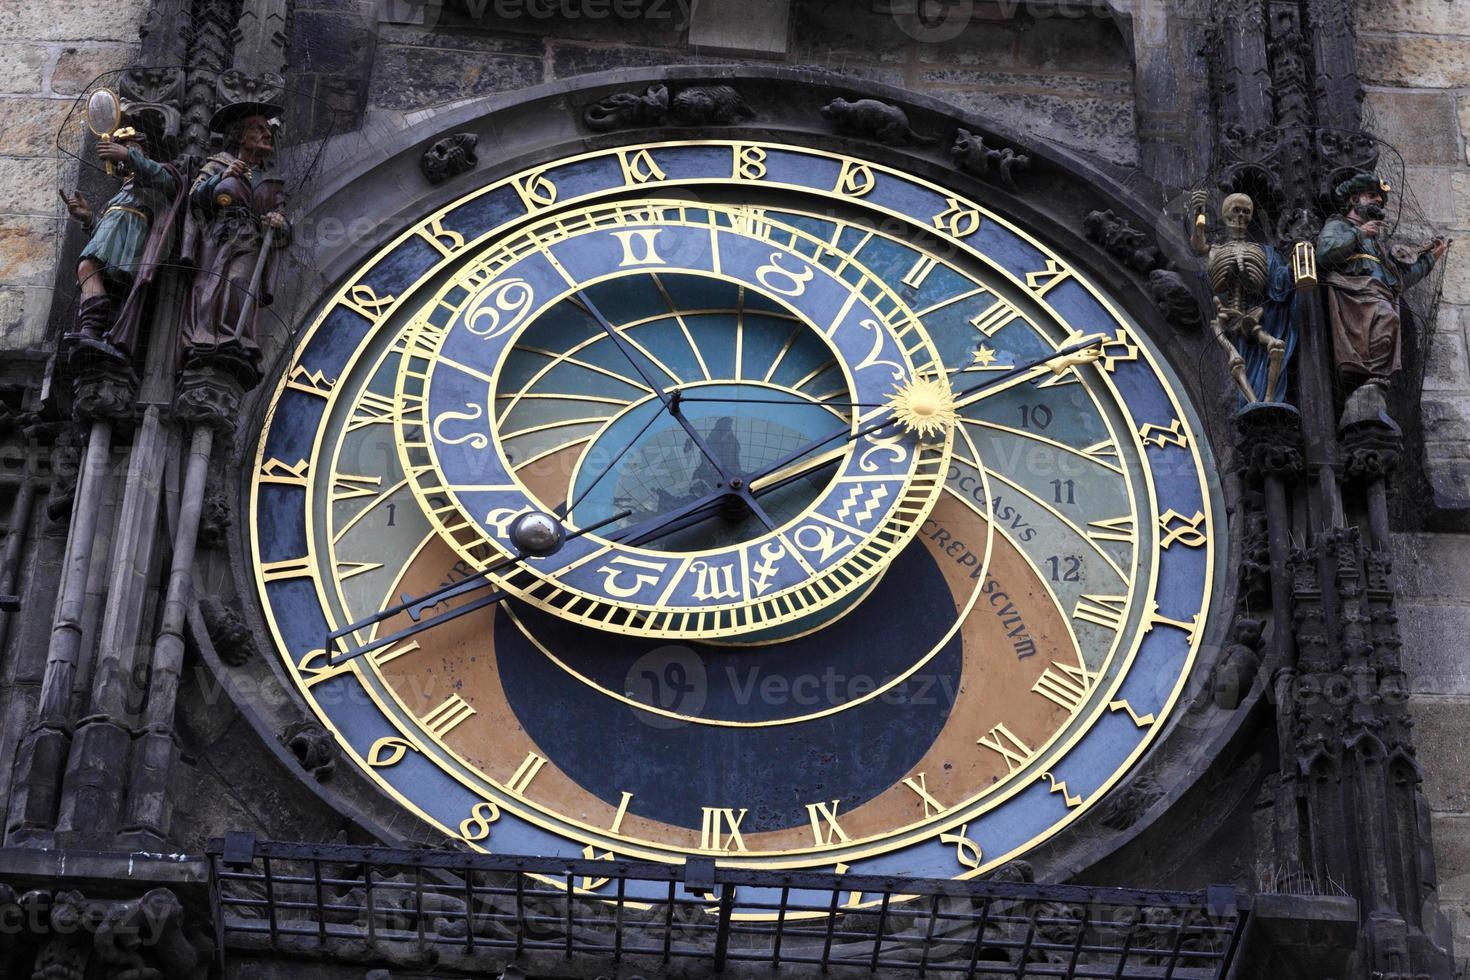 détail de l'horloge astronomique photo